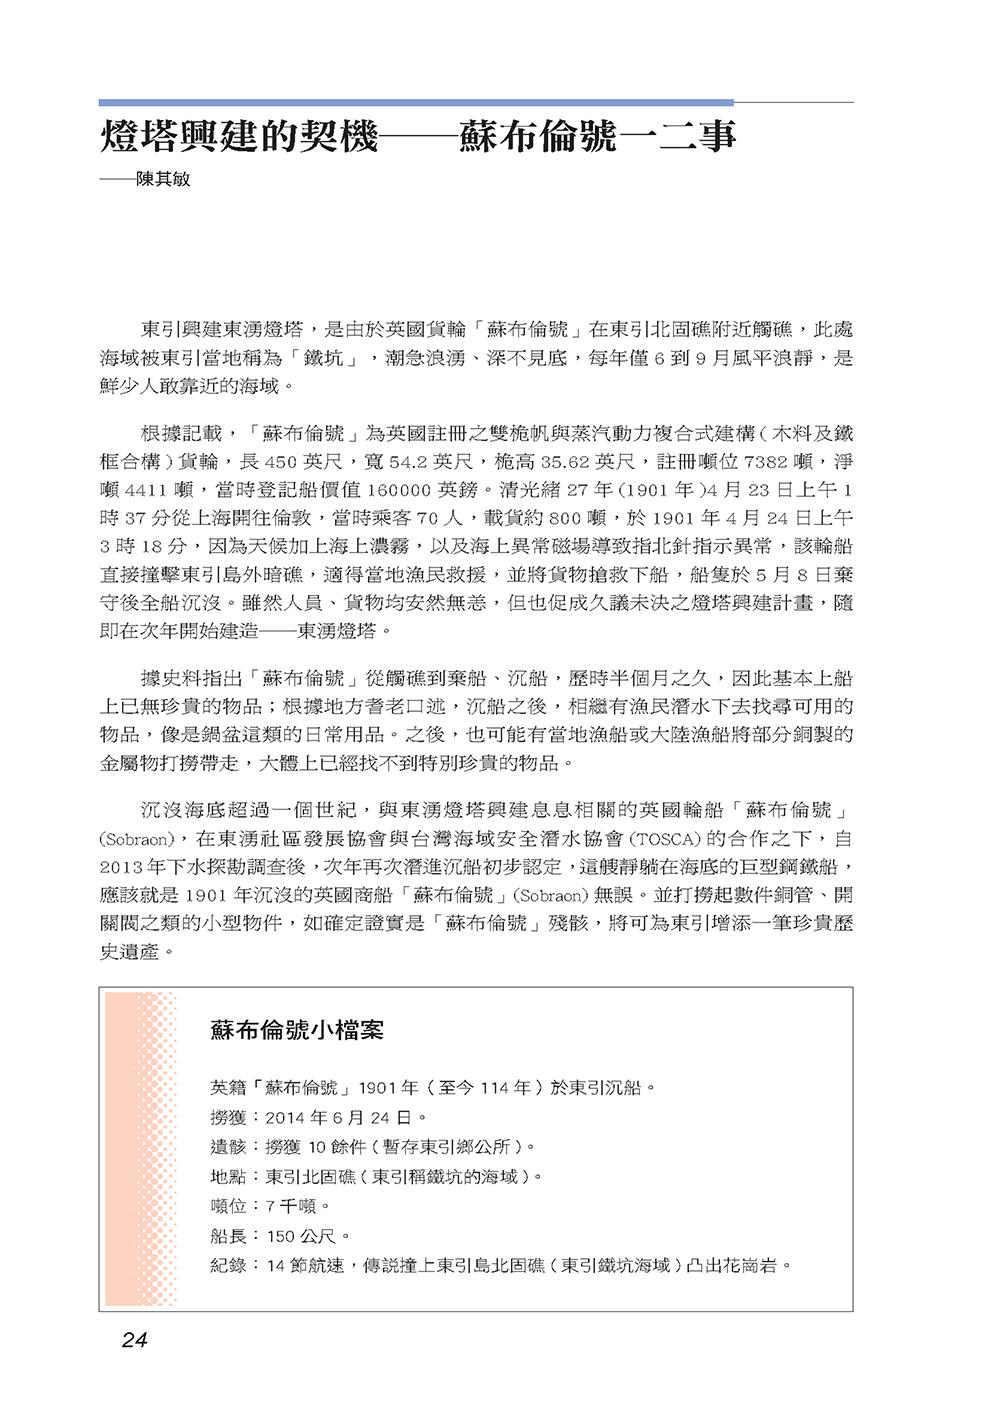 頁24-25